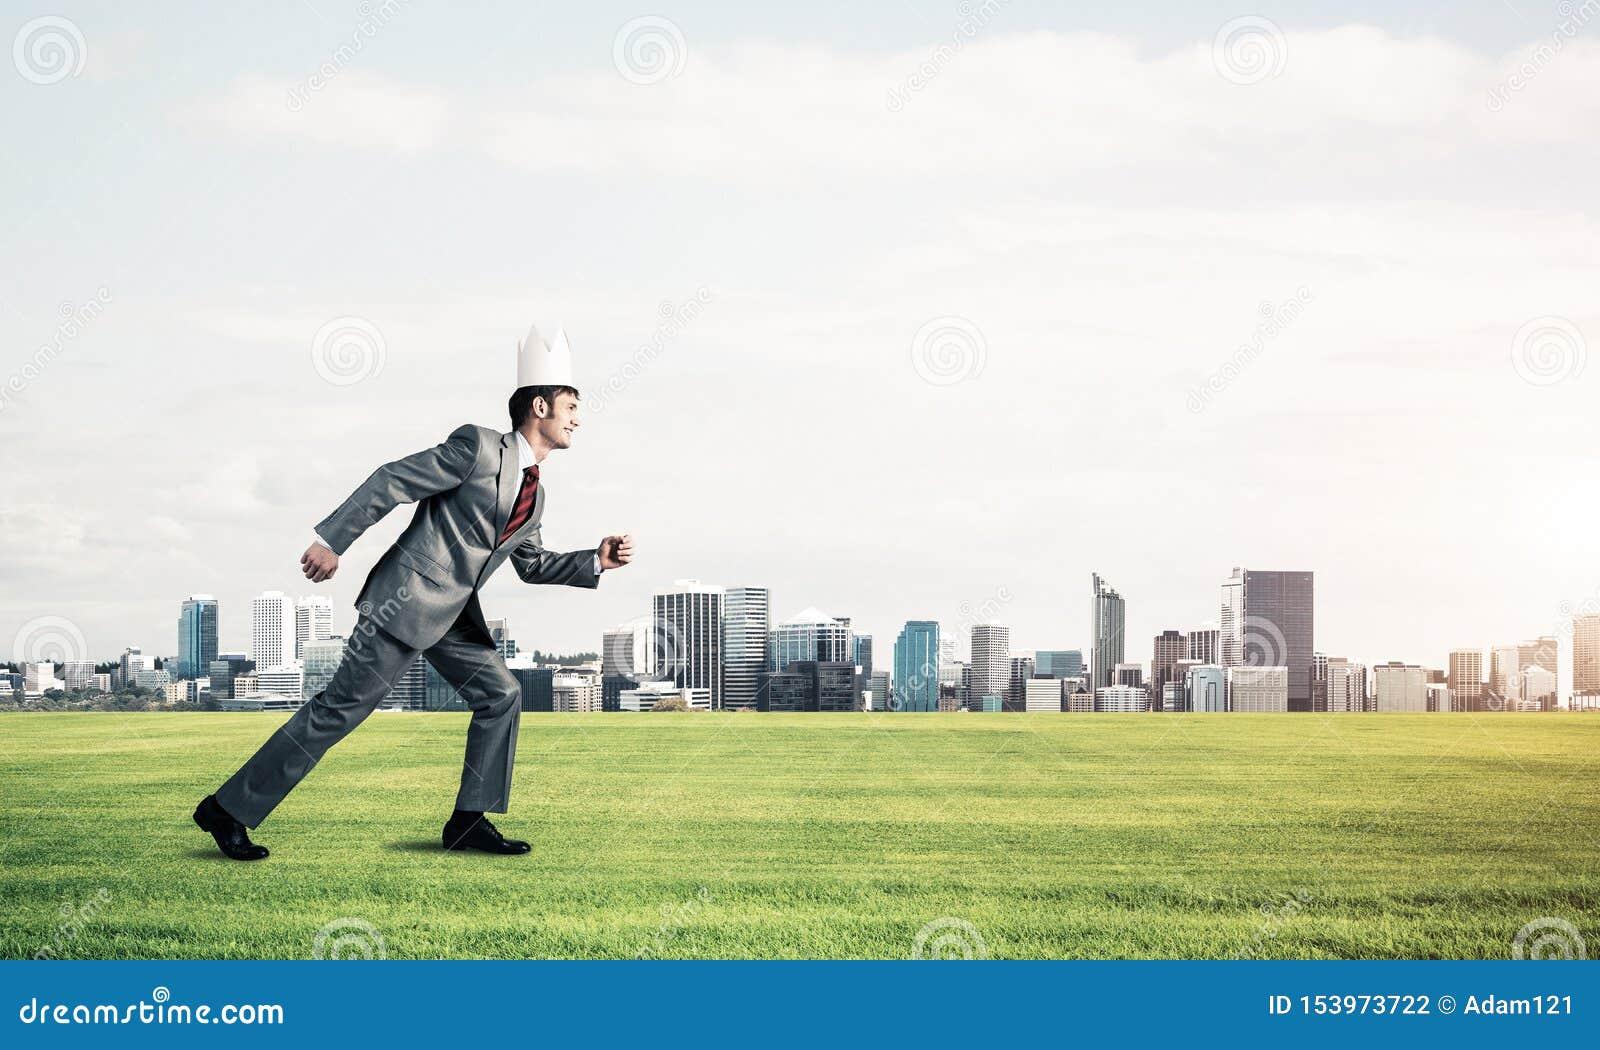 Kr?lewi?tko biznesmen w eleganckim kostiumu bieg na zielonej trawie i nowo?ytny pejza? miejski przy t?em